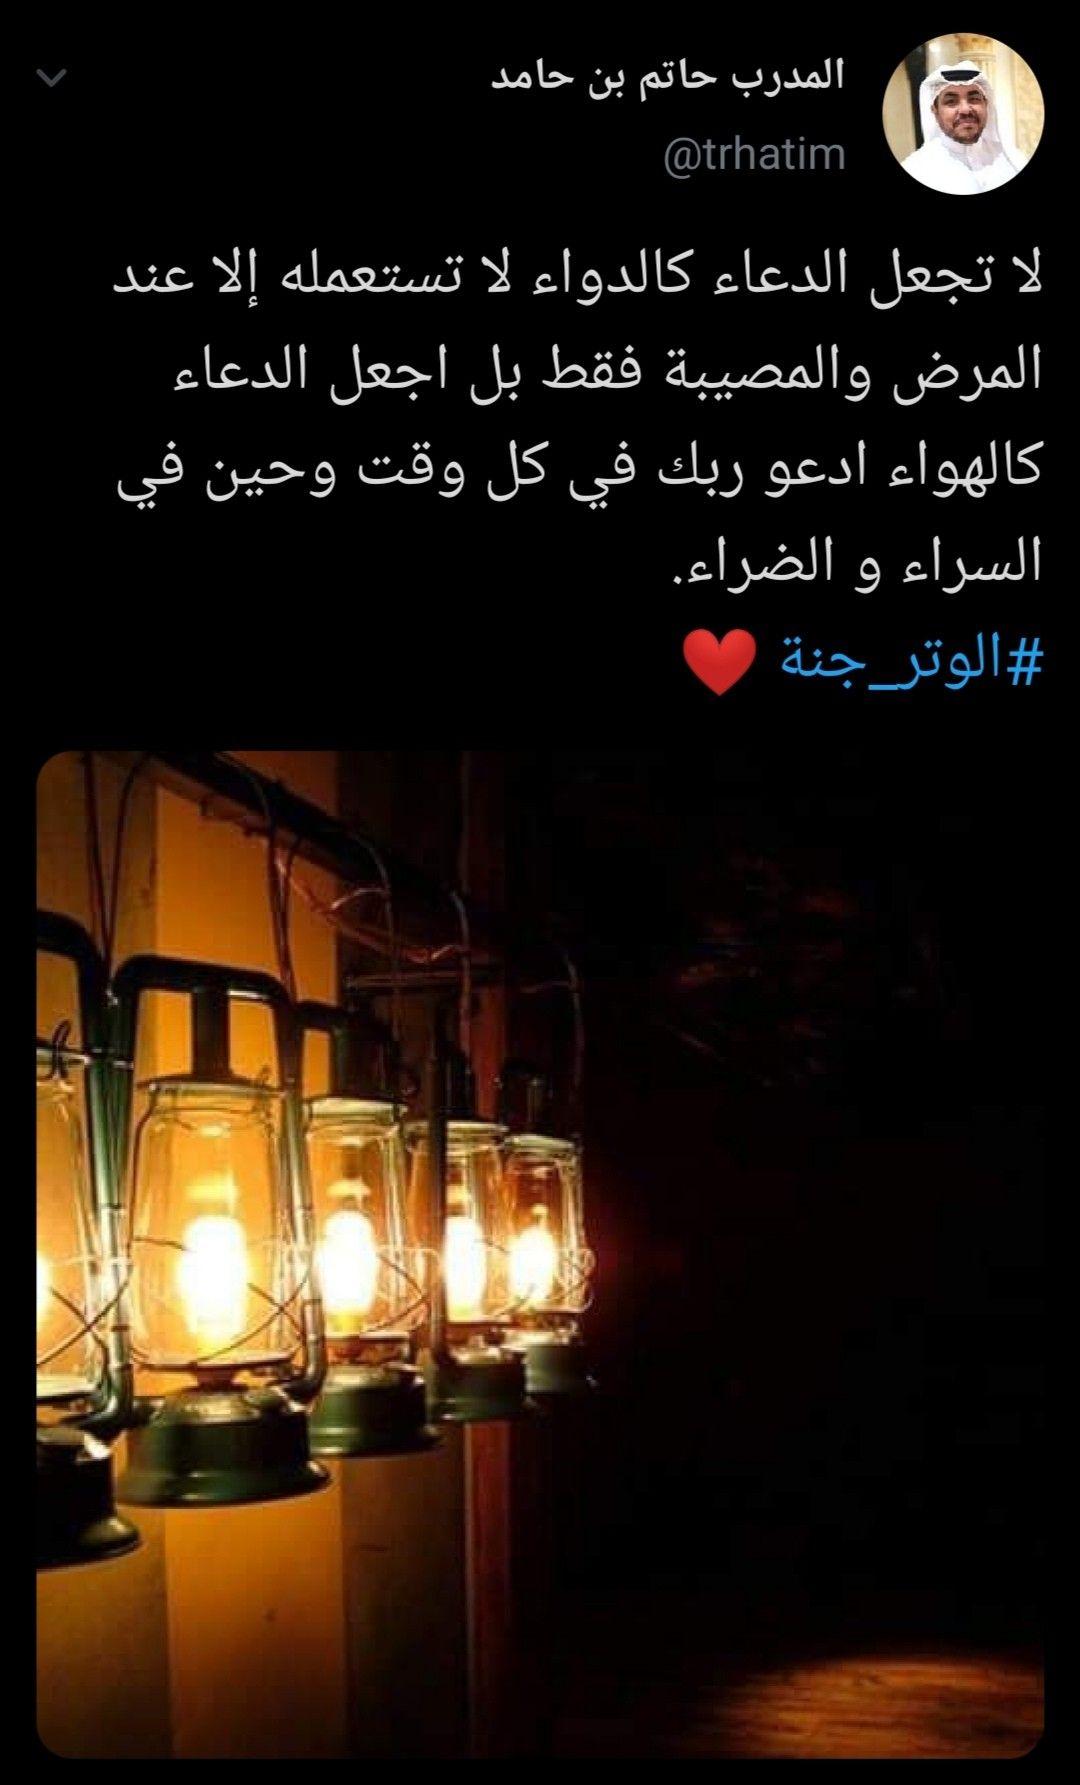 Pin By Hatim Bin Hamed On الوتر جنة القلوب Movie Posters Poster Movies